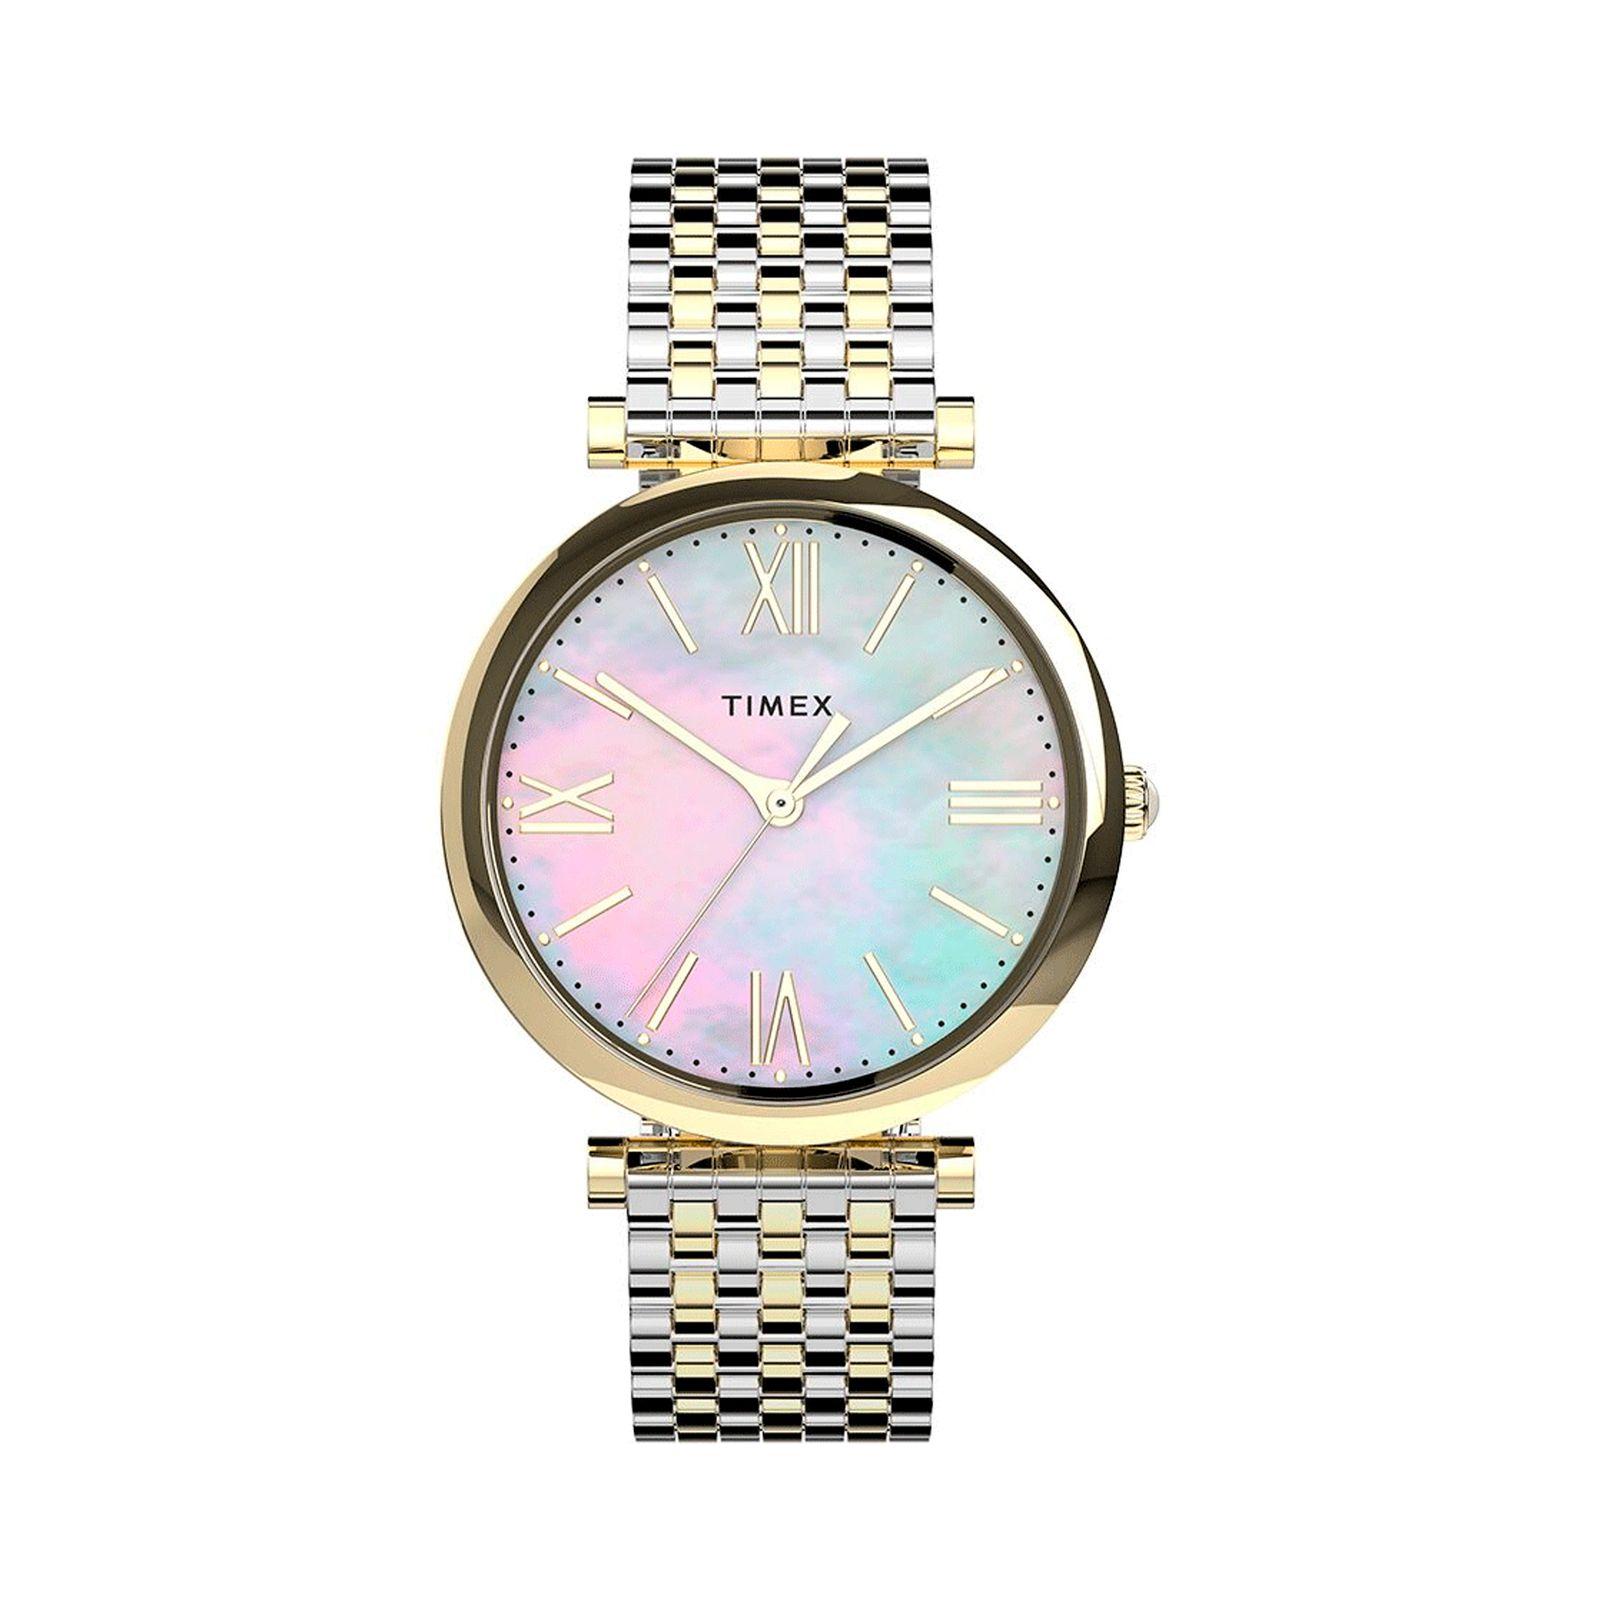 ساعت مچی عقربه ای زنانه تایمکس مدل TW2T79400 -  - 3